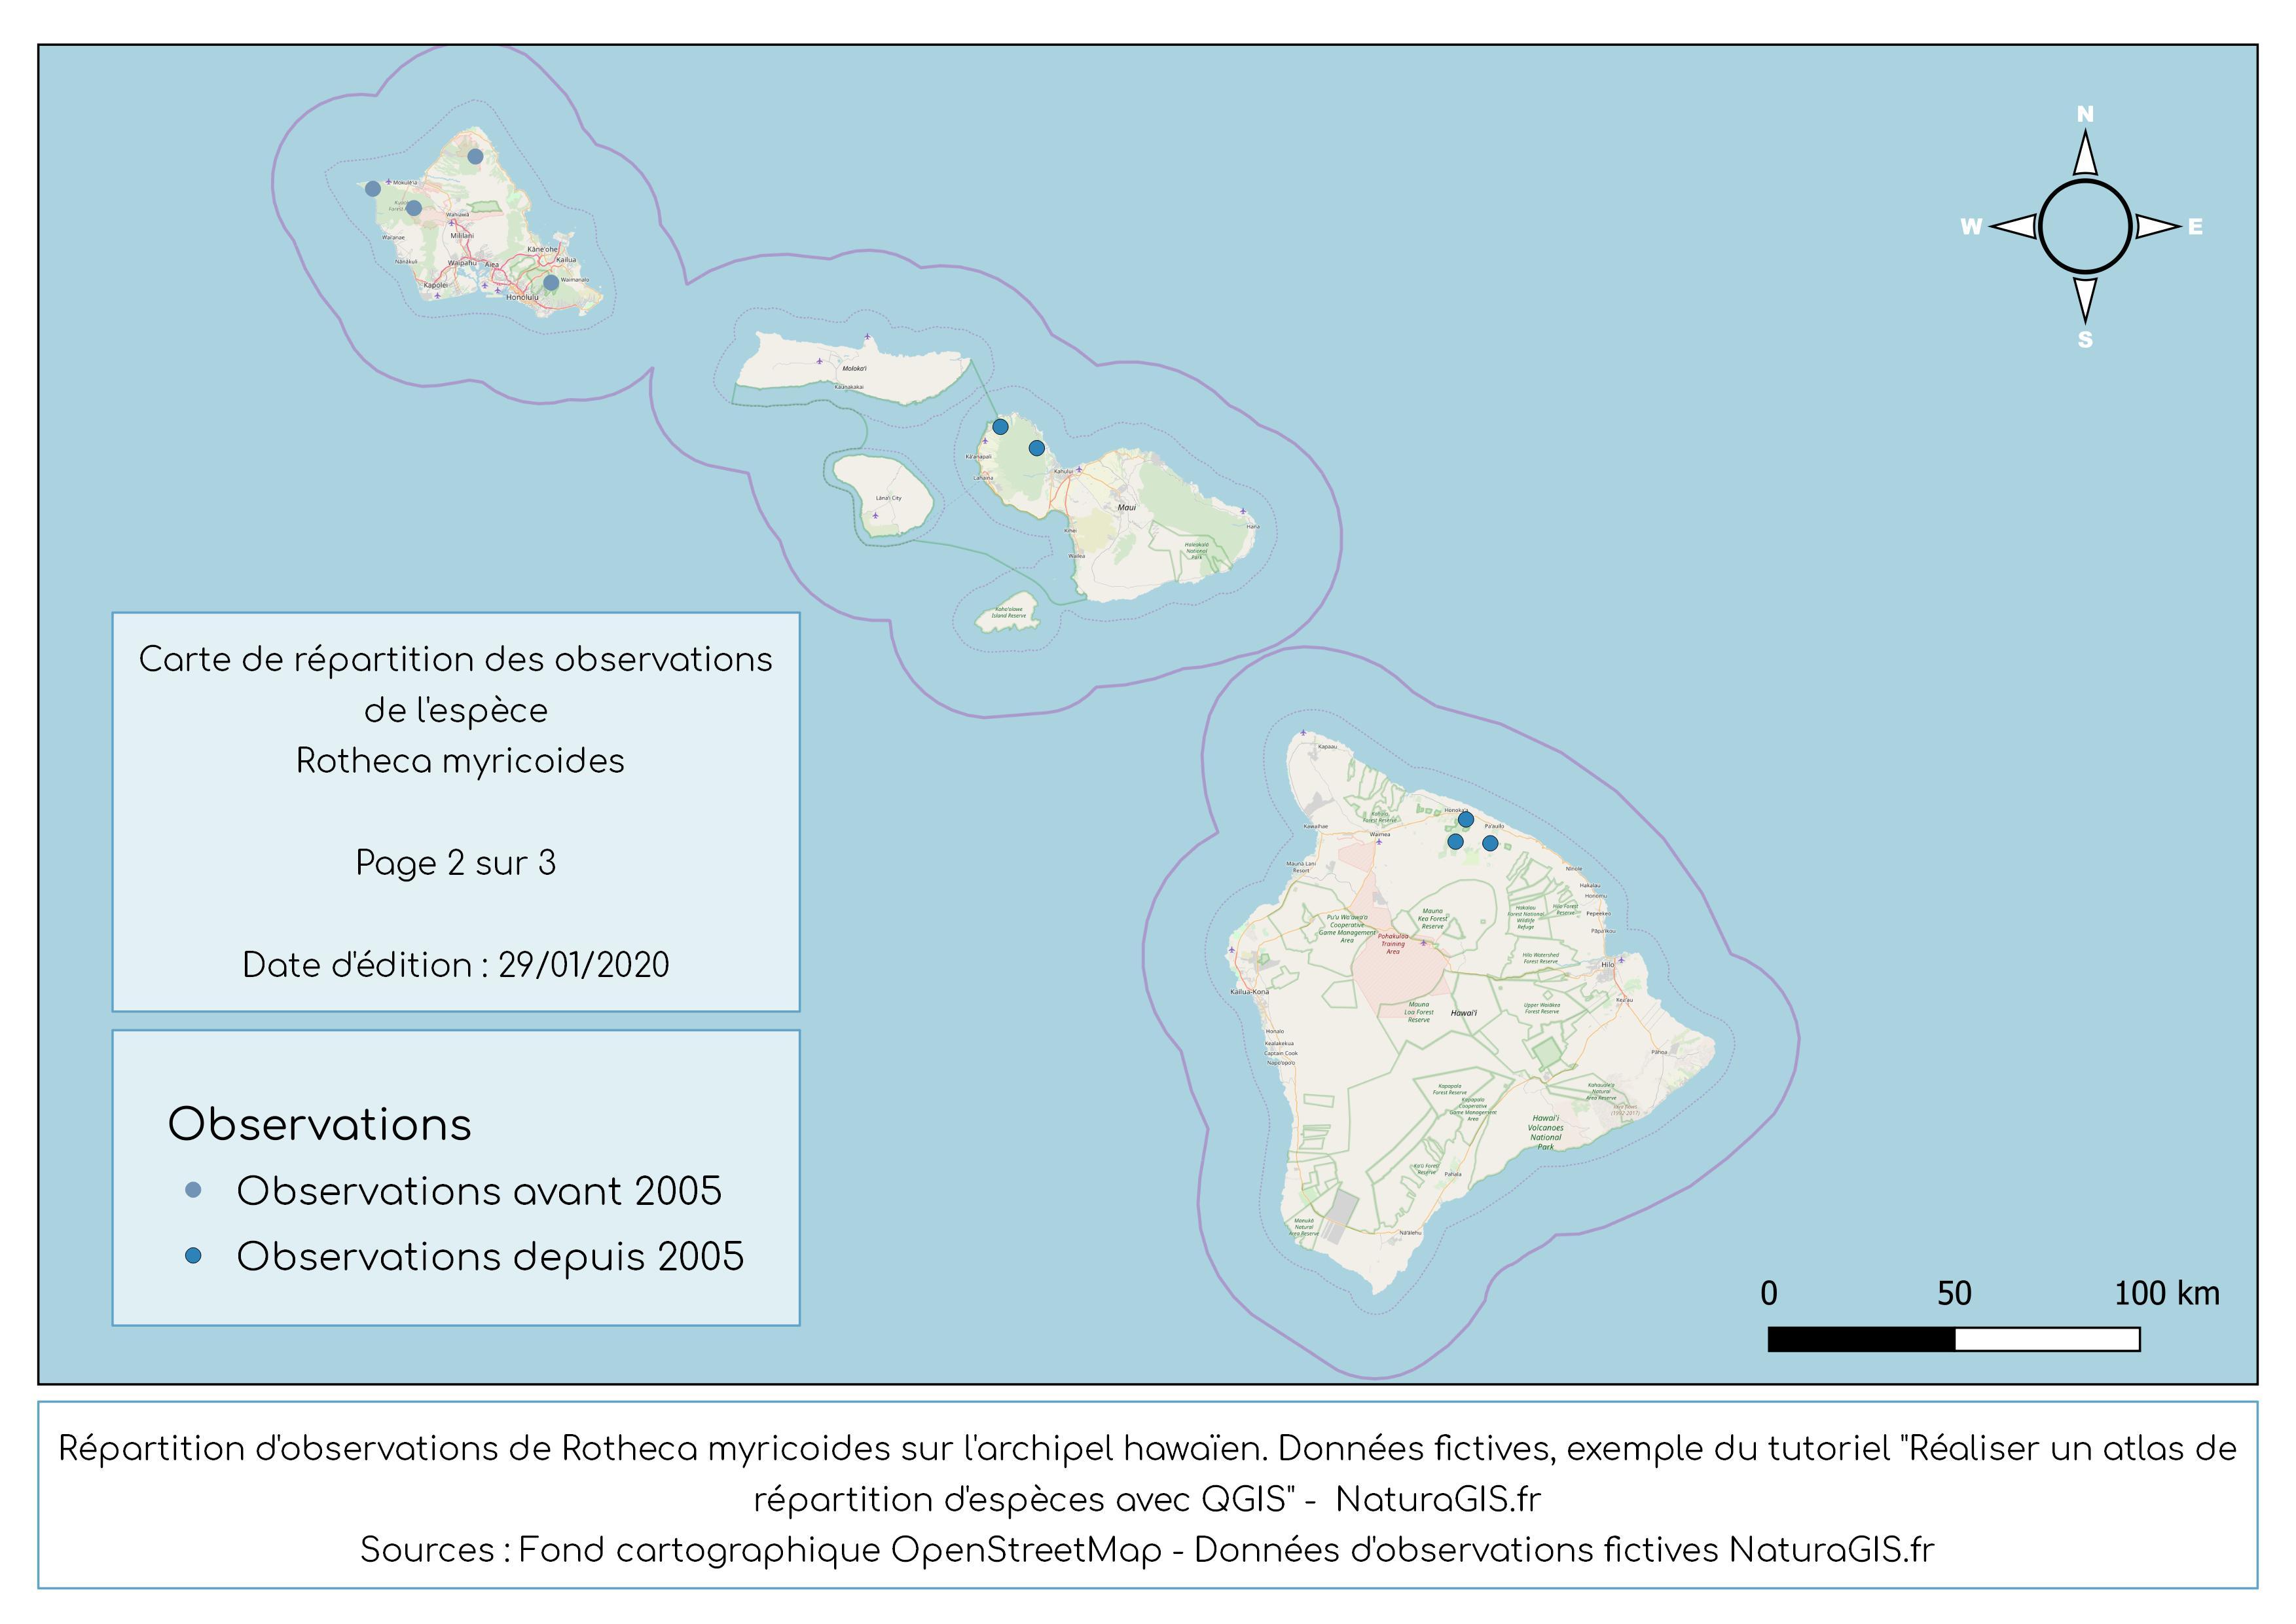 atlas de répartition d'espèces QGIS